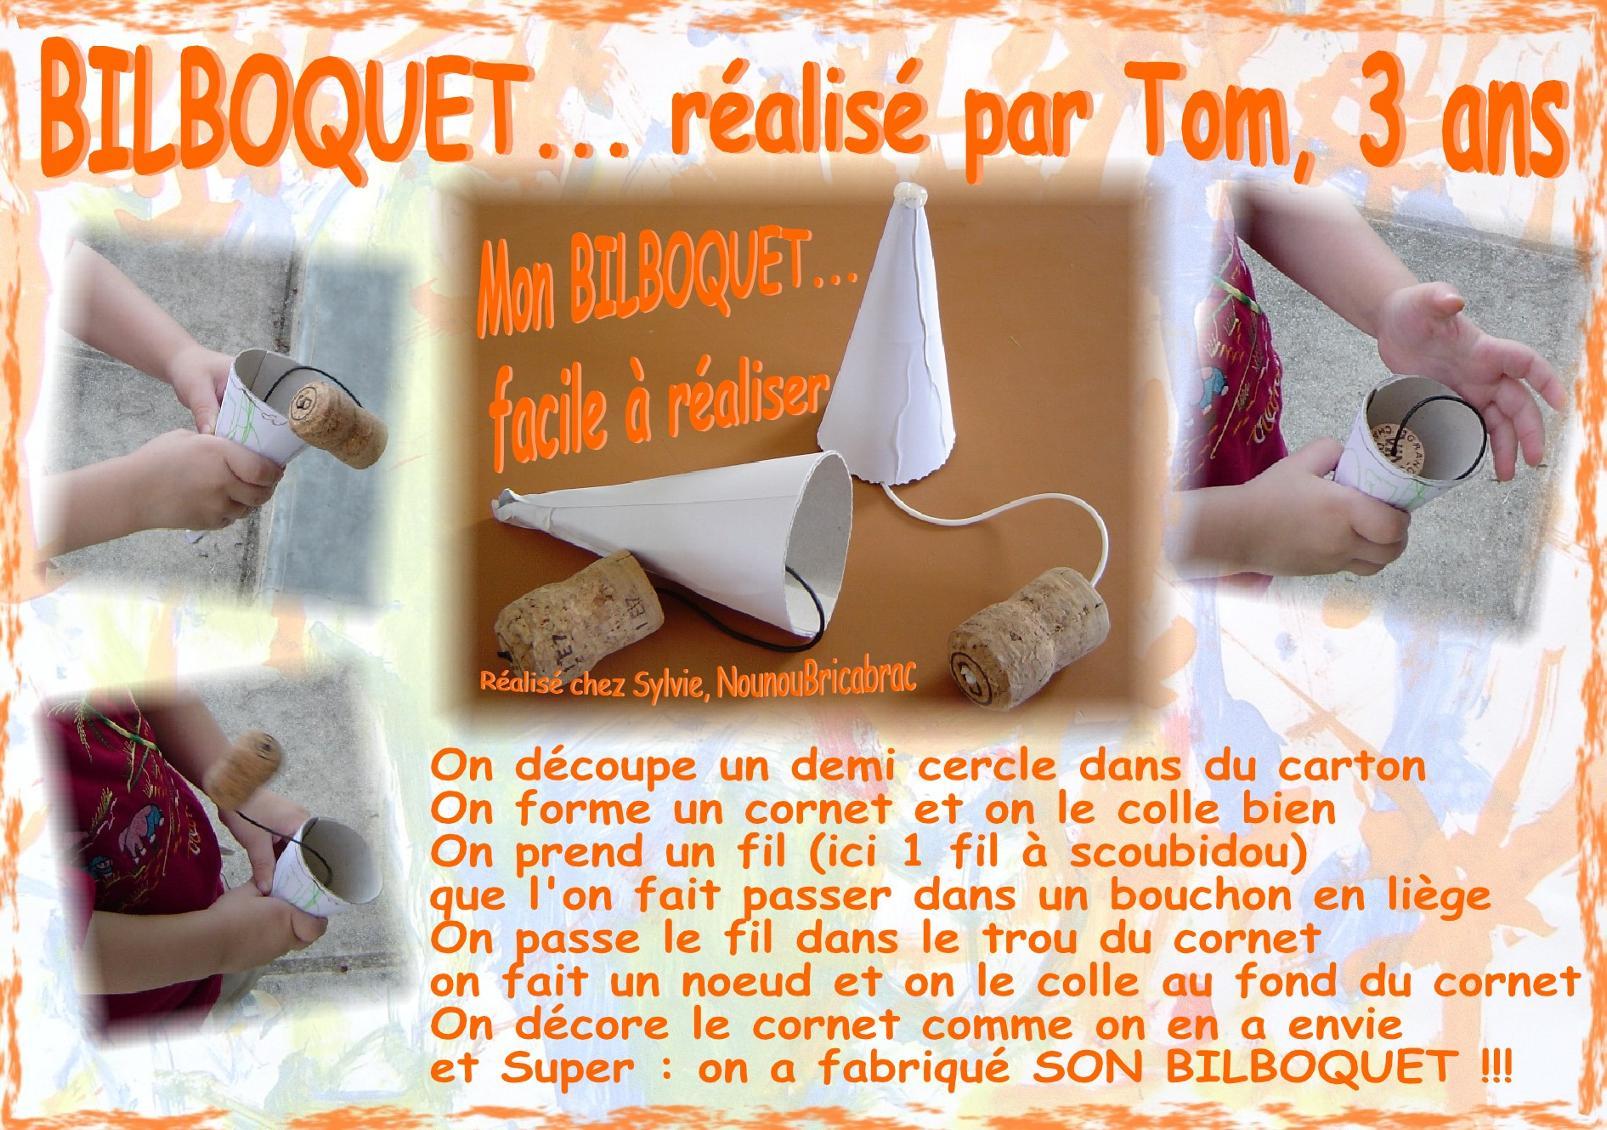 BILBOQUET... réalisé par Tom, 3 ans